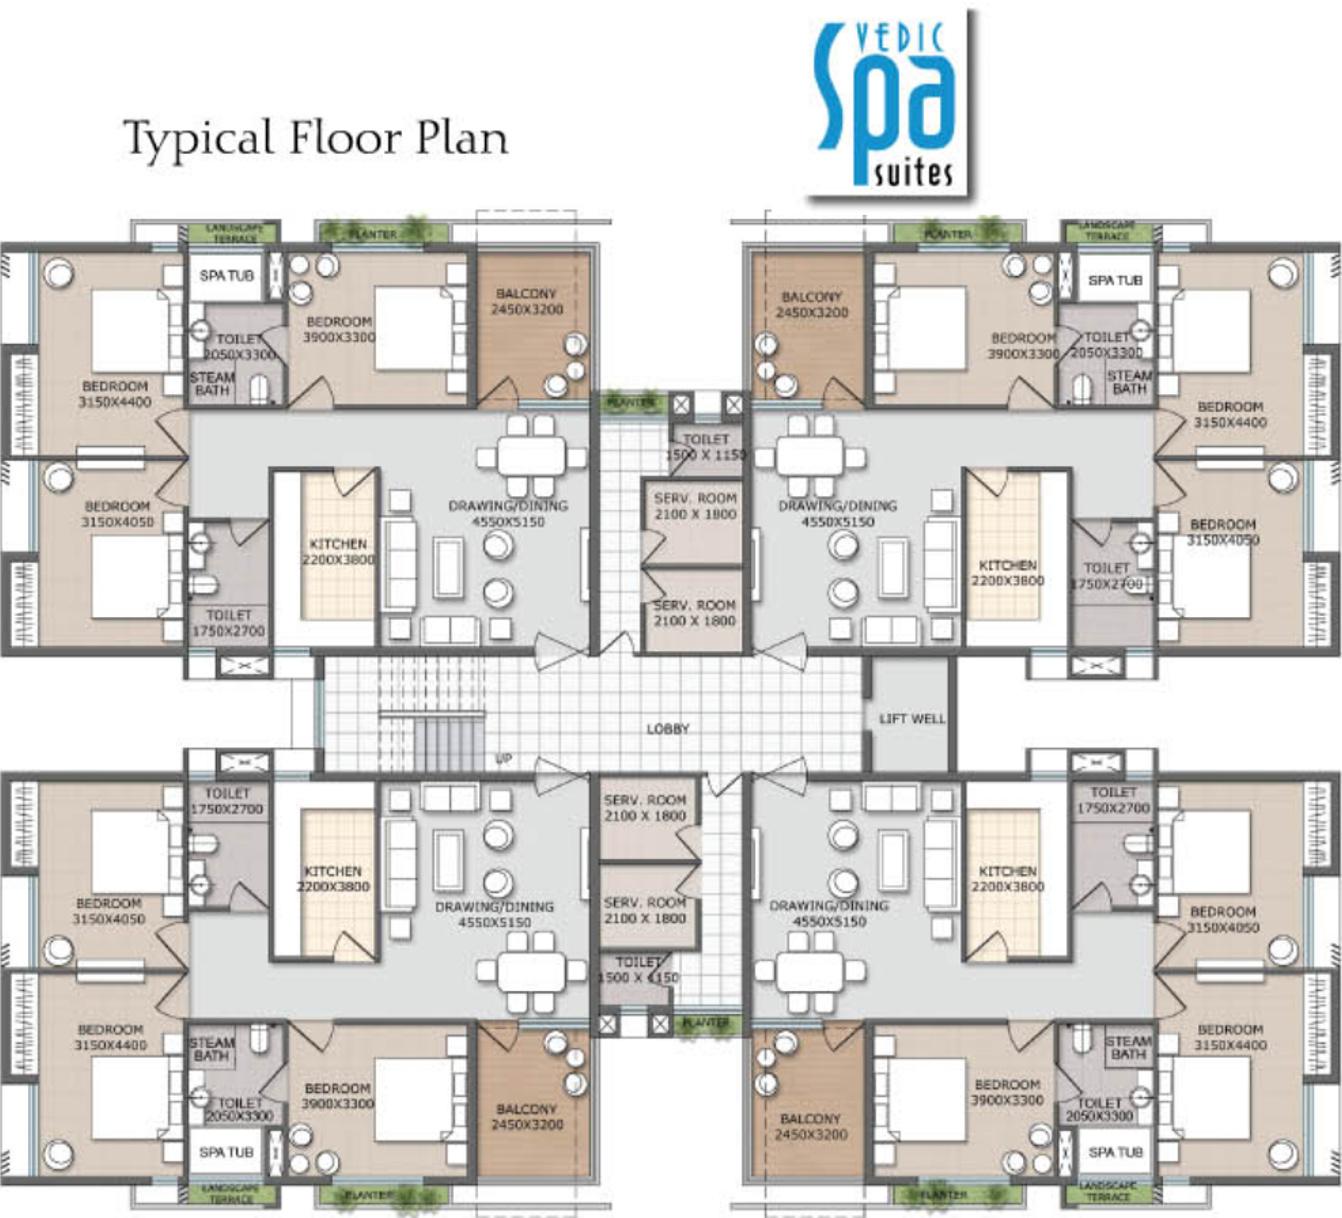 Vedic Spa Suites In New Town Kolkata Price Location